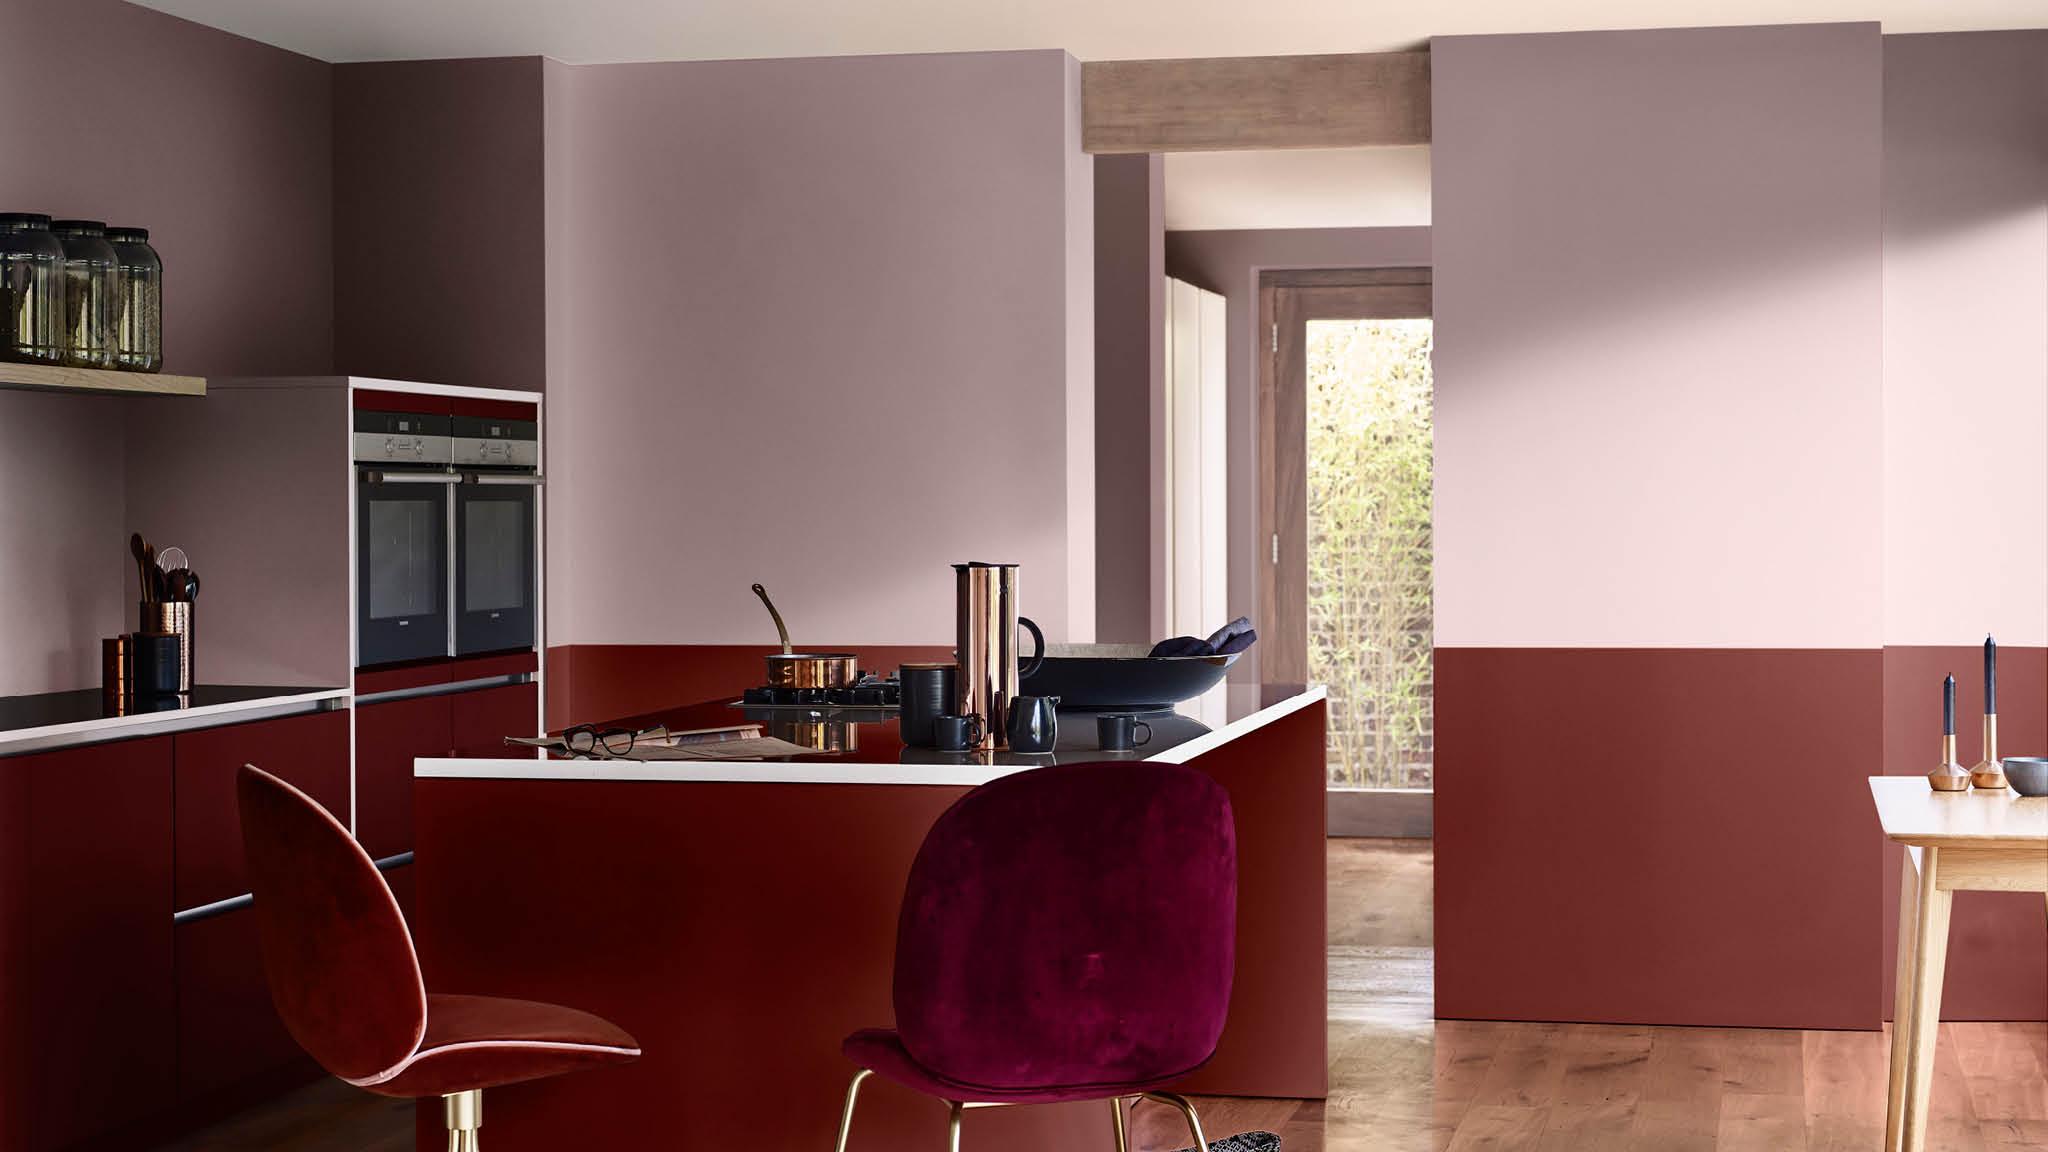 Full Size of Wandfarben Für Küche Handtuchhalter Büroküche Beistelltisch Wasserhahn Sitzbank Mit Lehne Was Kostet Eine Neue Wanddeko Günstig Kaufen Spülbecken Wohnzimmer Wandfarben Für Küche